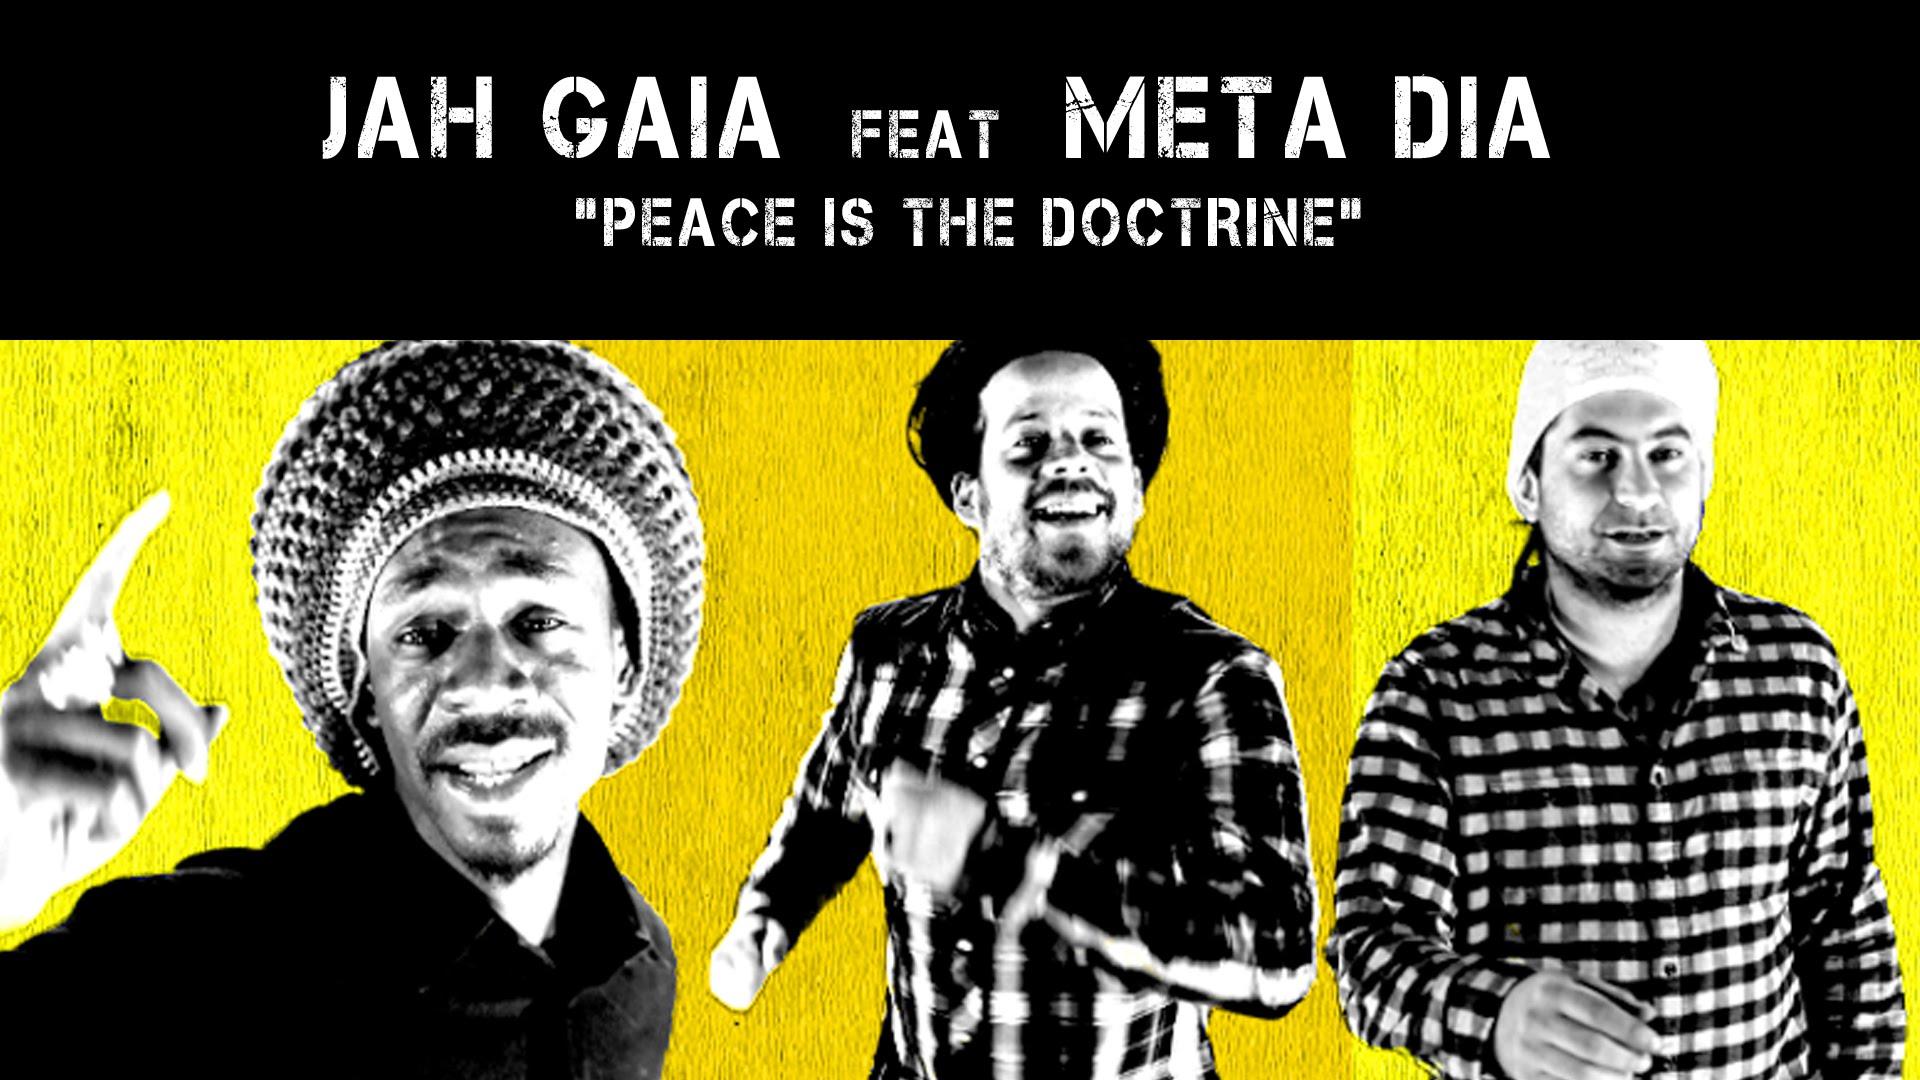 Jah Gaia feat. Meta Dia - Peace Is The Doctrine [4/7/2015]